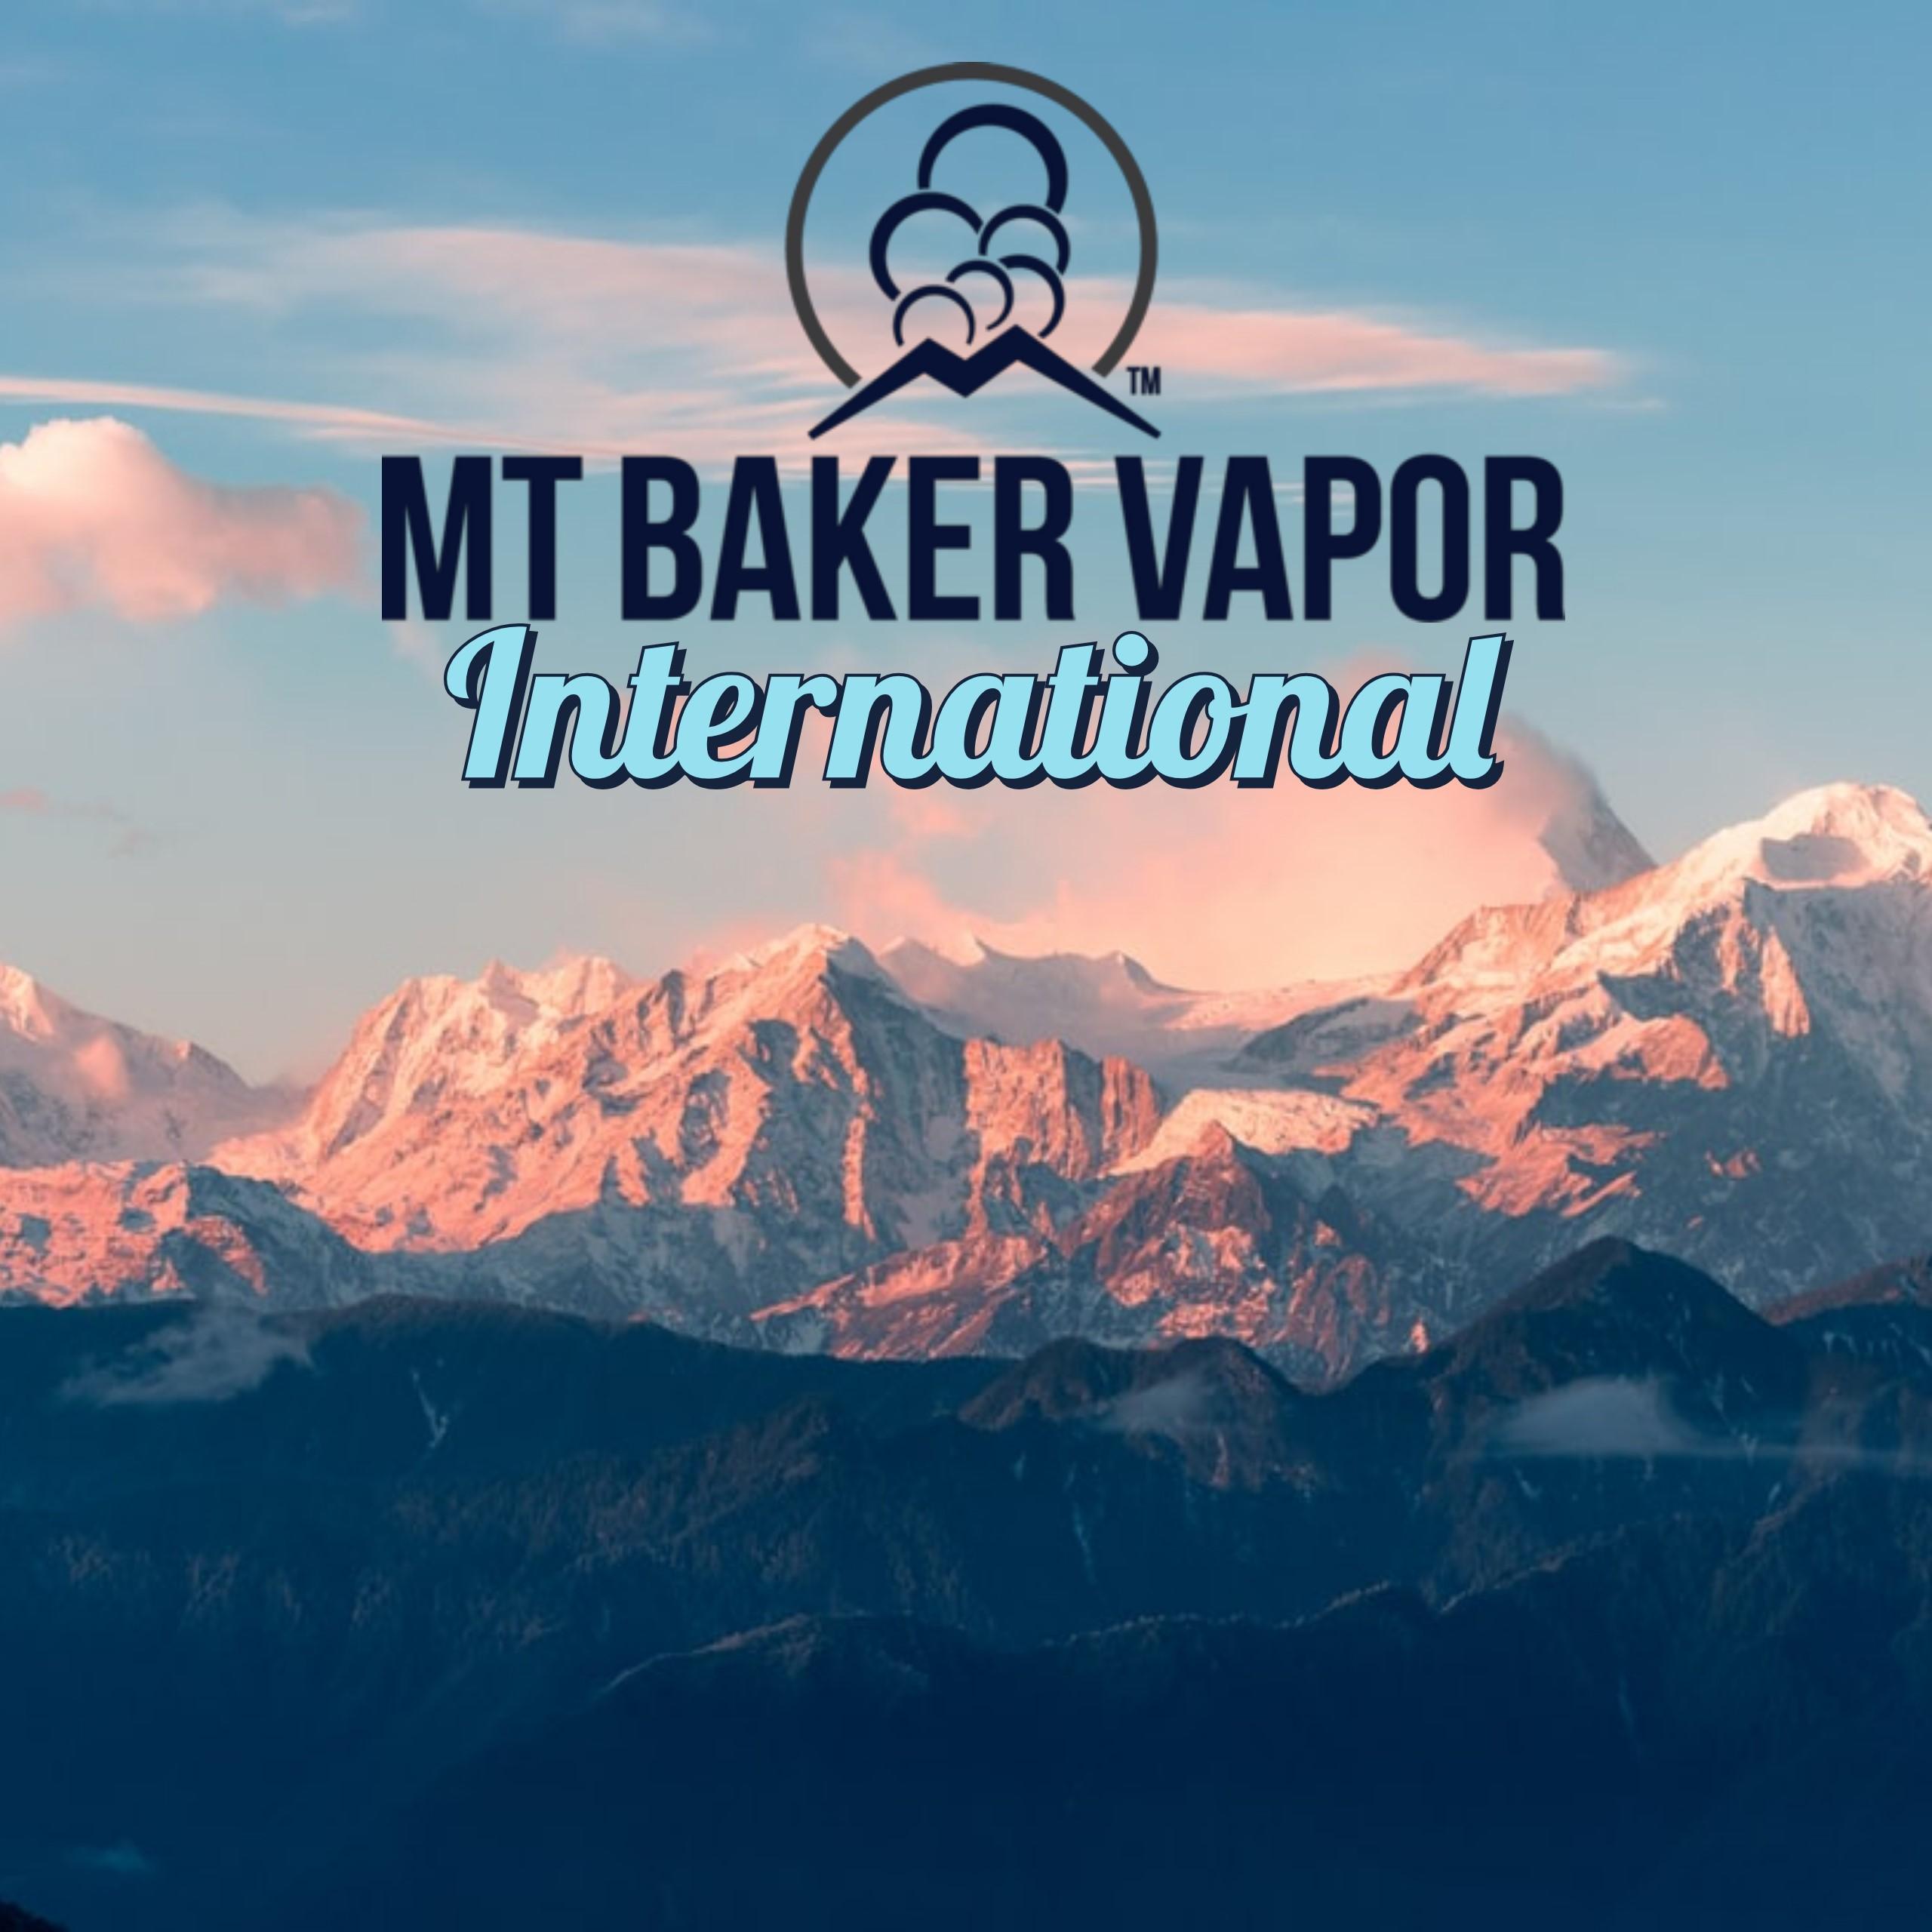 Mt Baker Vapor International Australia